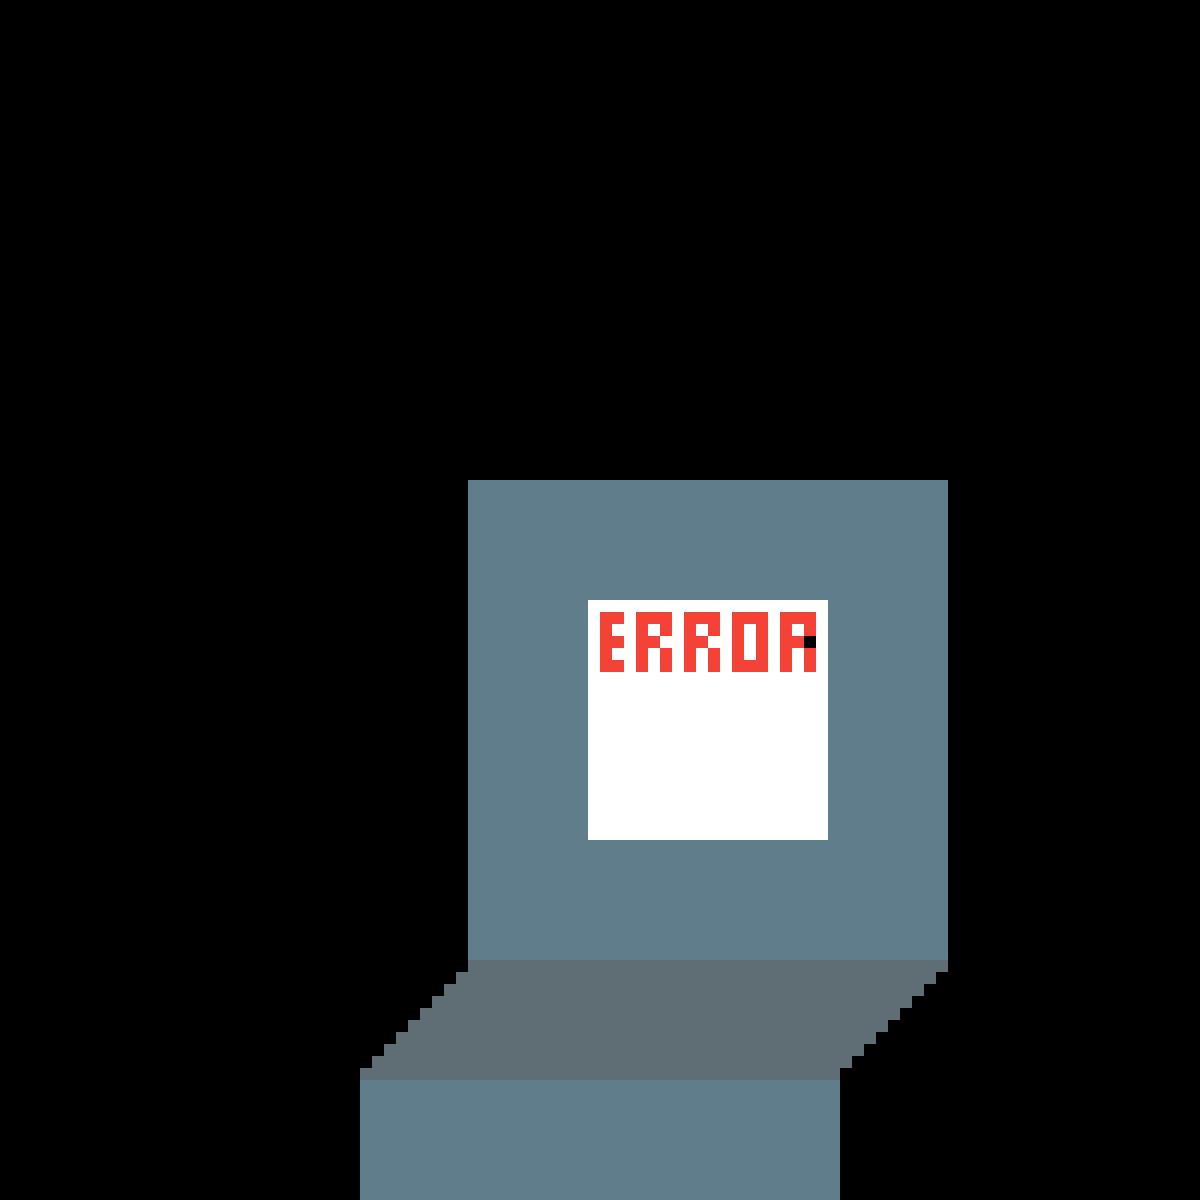 Bad Error Computer by enderapple597